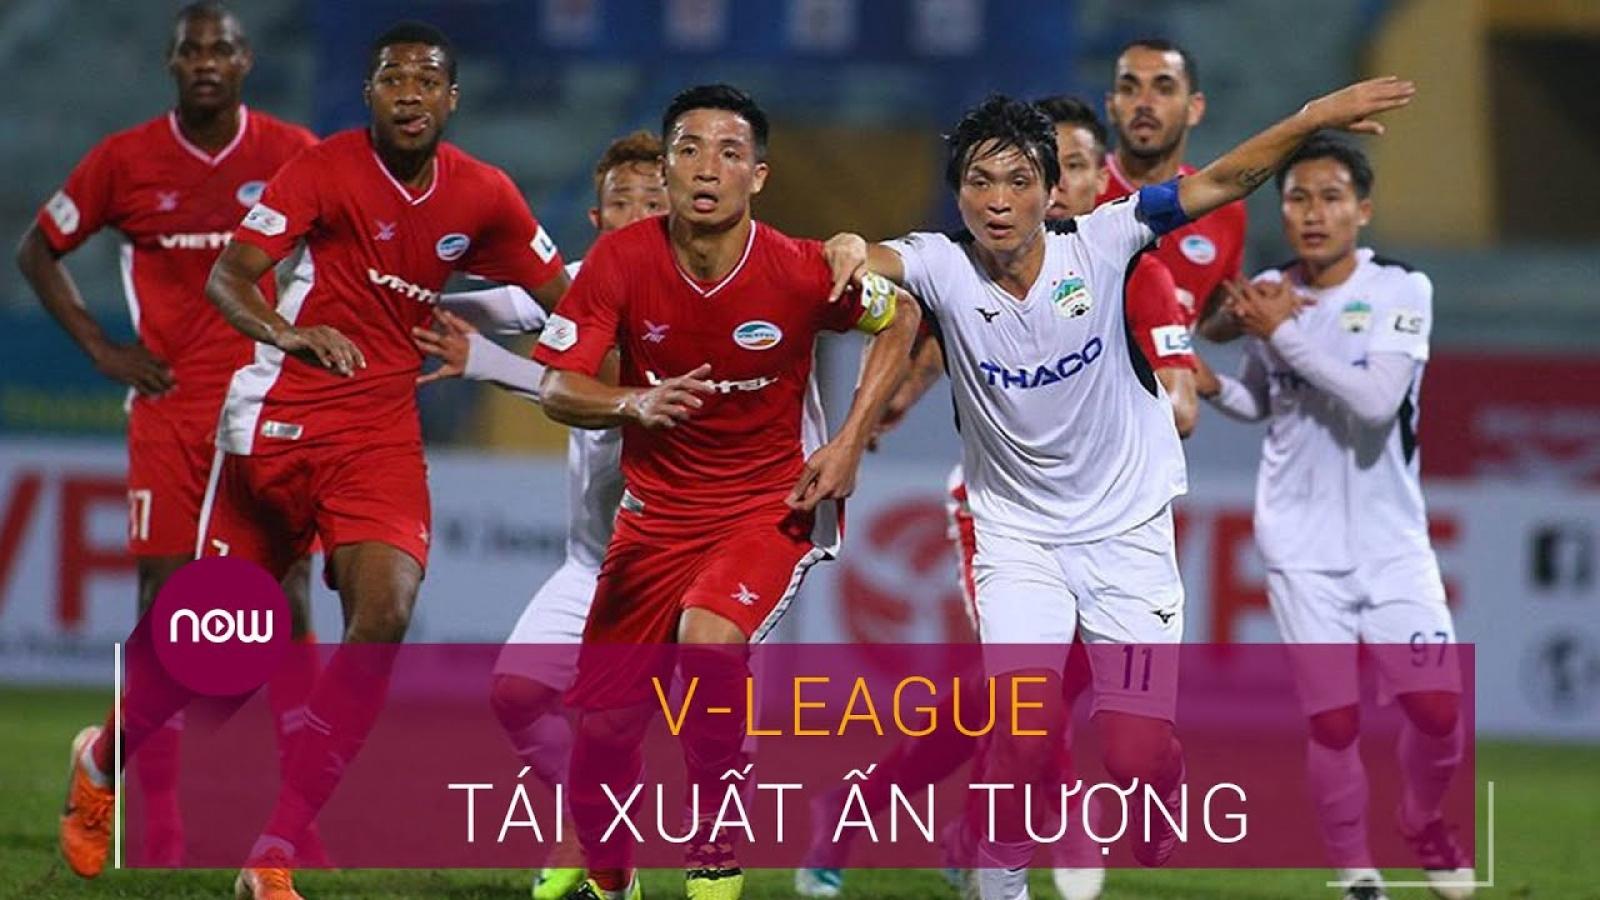 Truyền thông quốc tế ấn tượng mạnh với sự trở lại của V-League 2020